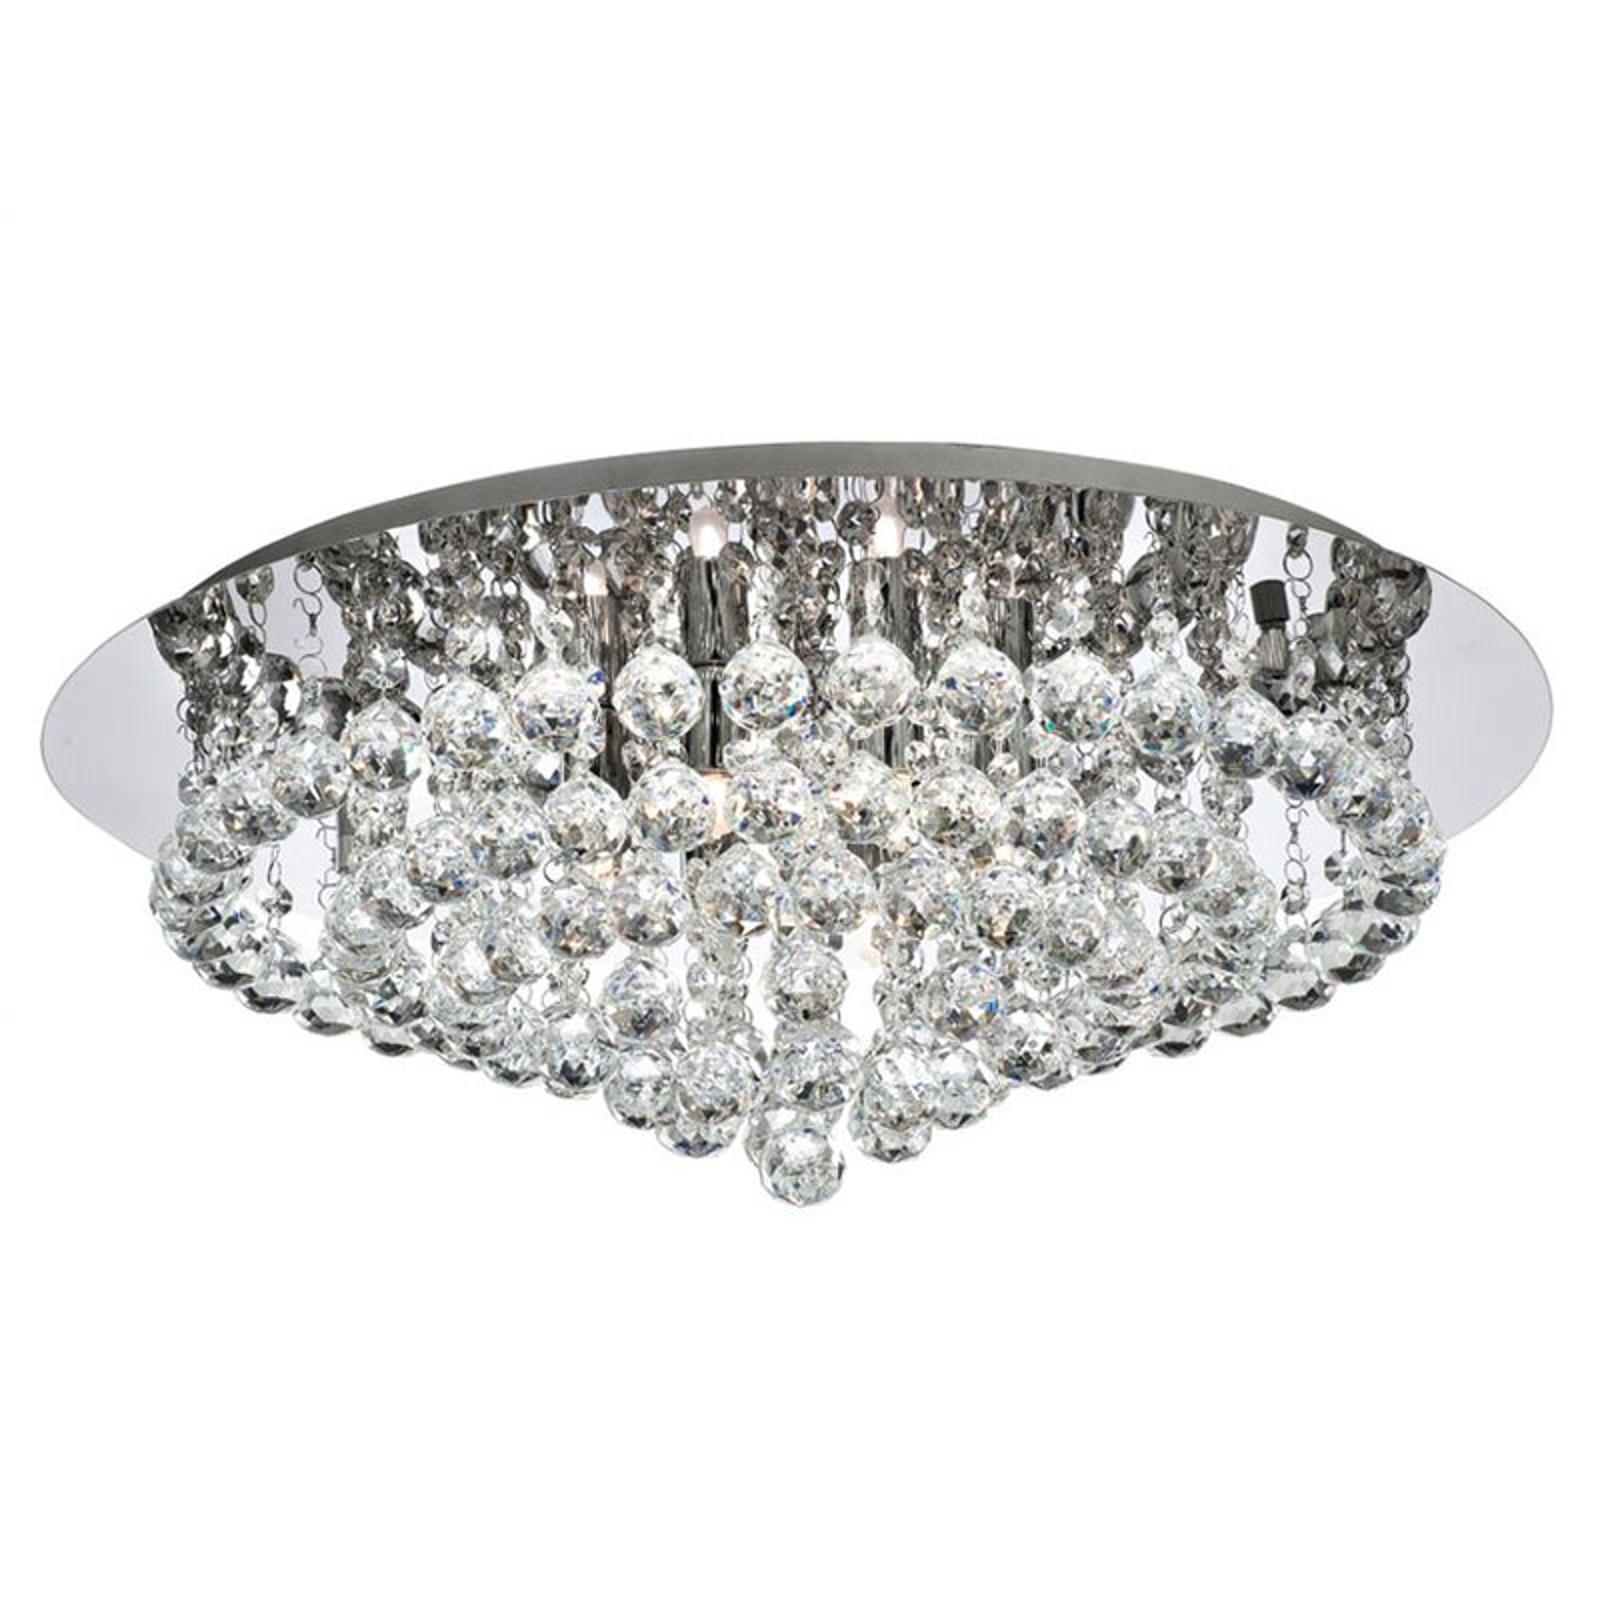 Taklampe Hanna krom med krystallkuller 55 cm